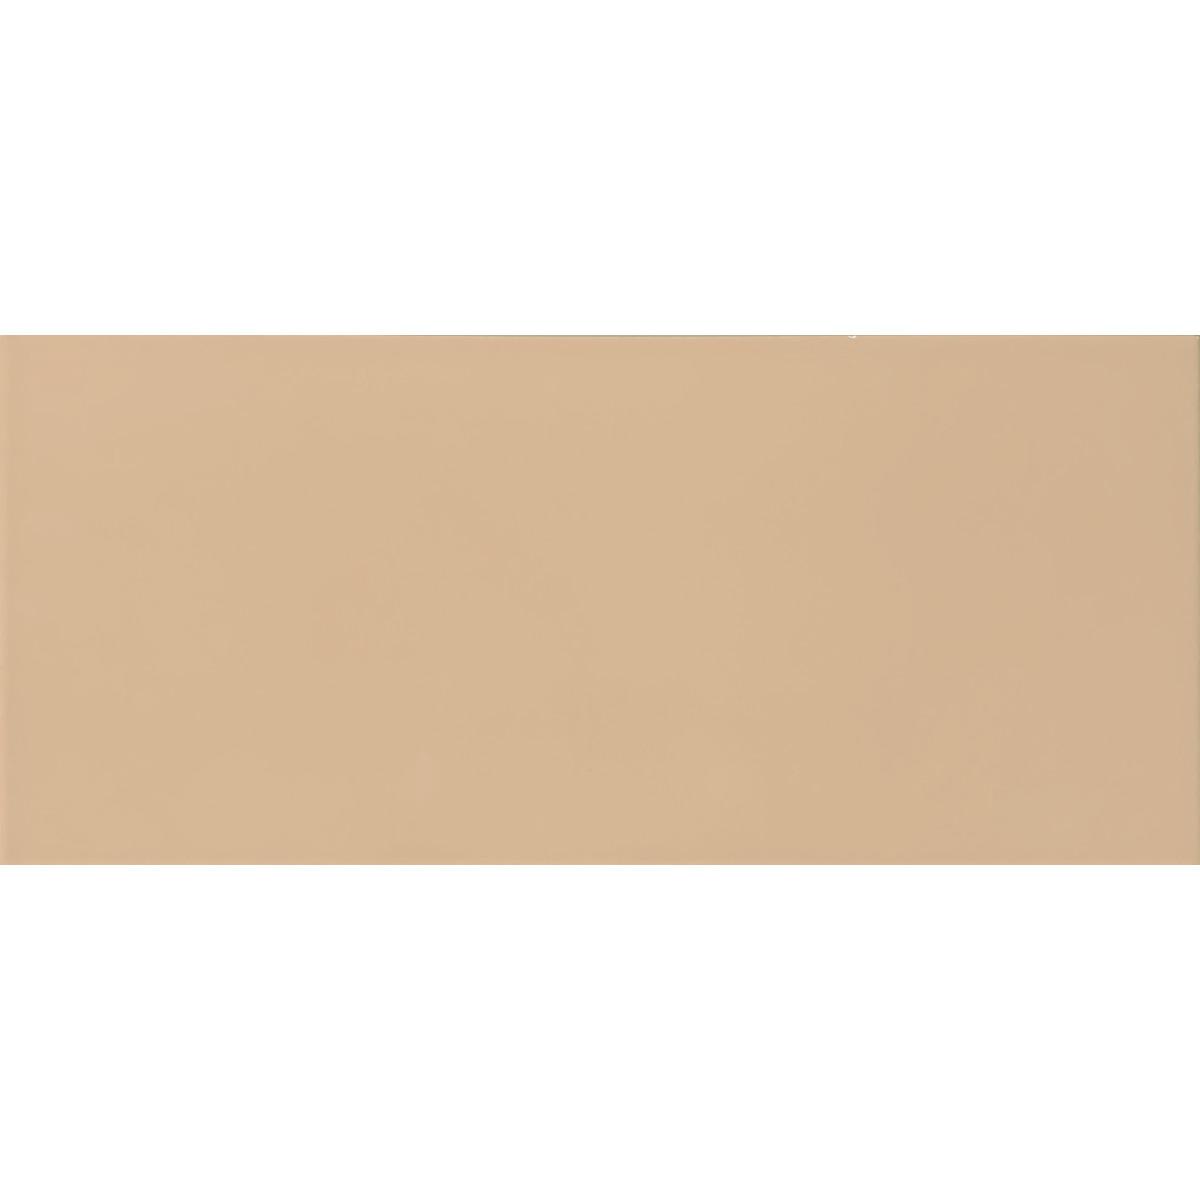 Плитка настенная Аккорд 20x45 см 1.08 м² цвет кремовый